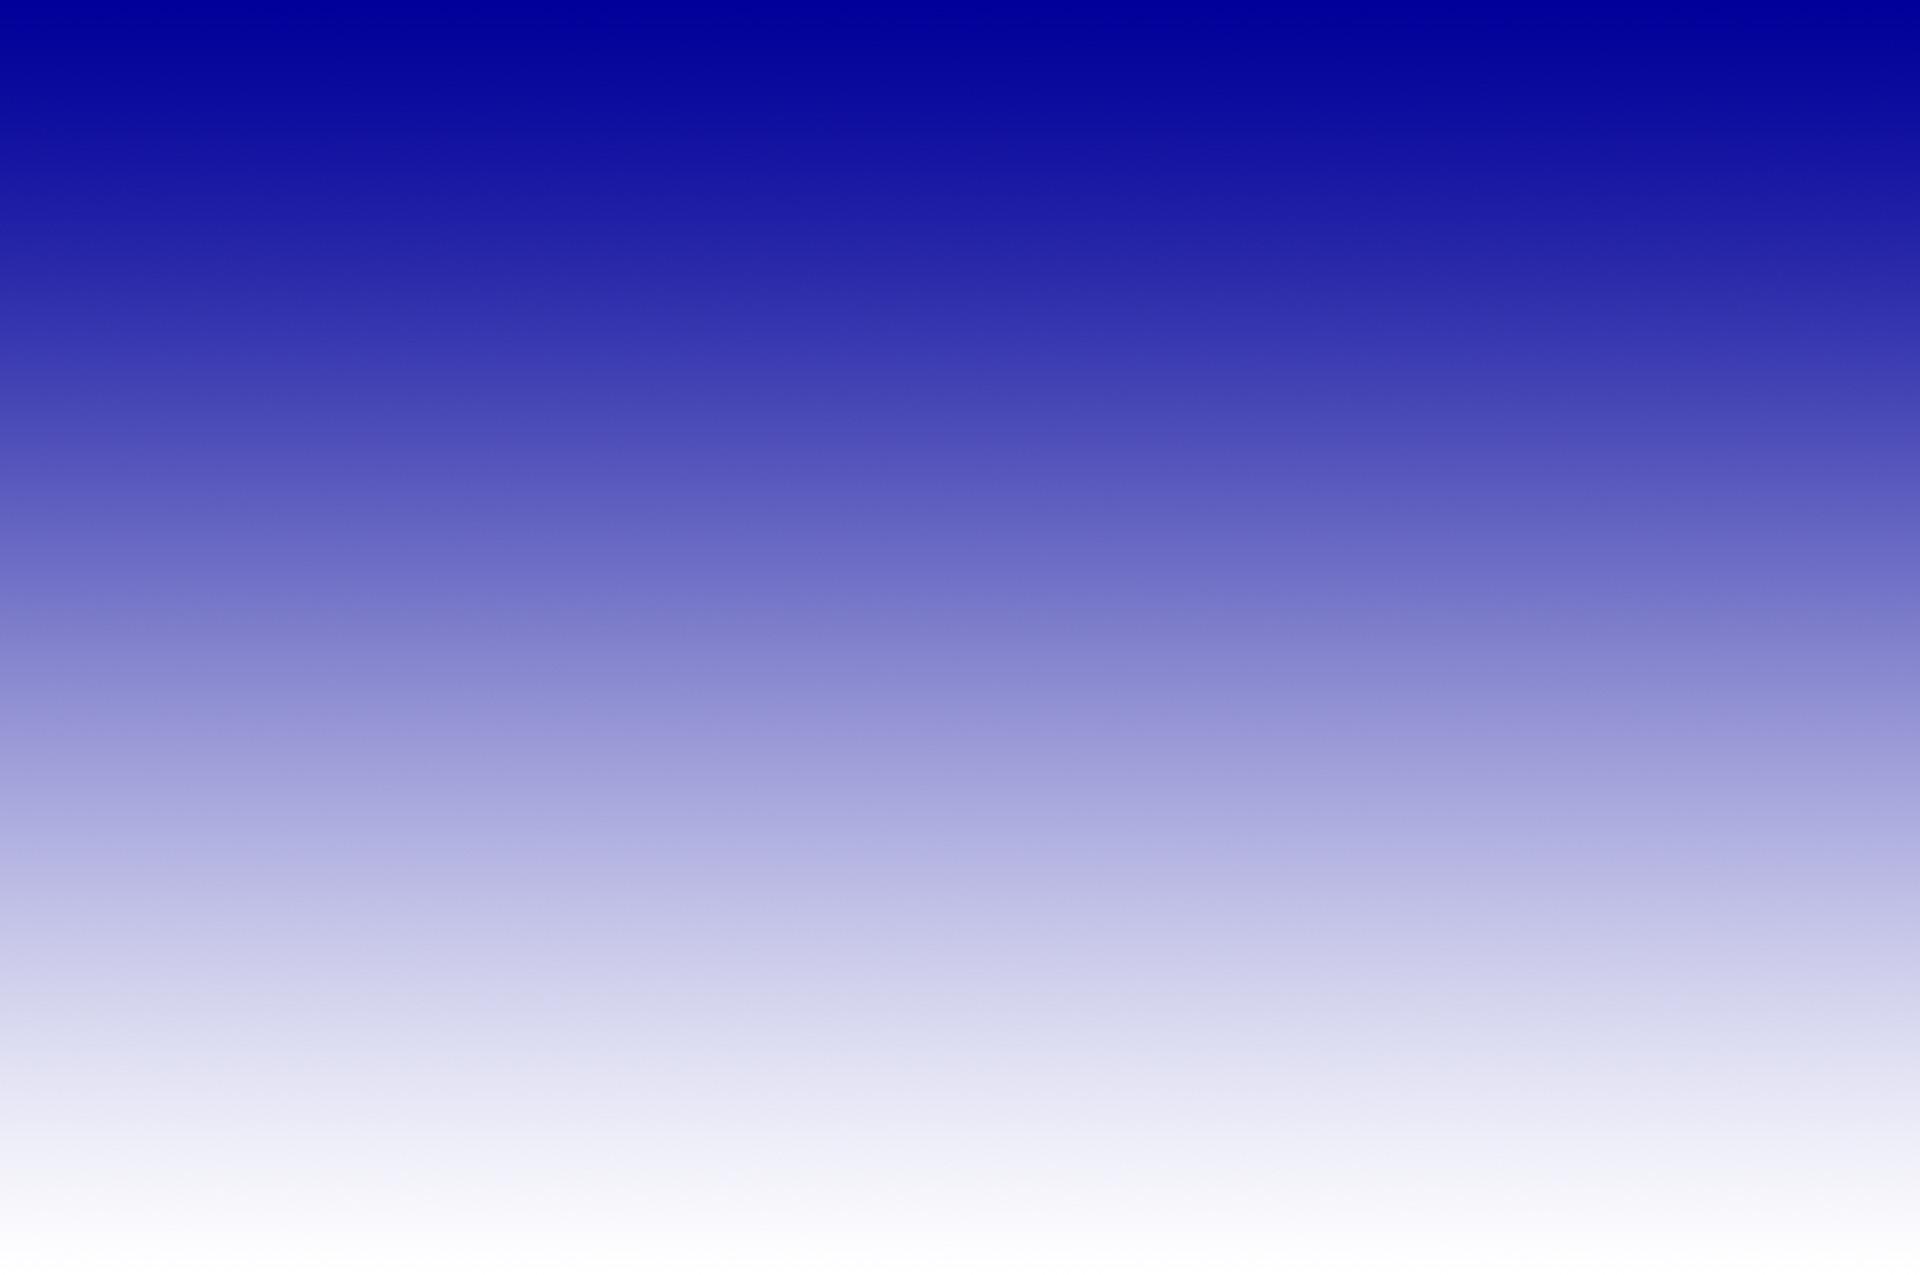 Sfondi Azzurro Chiaro 45 Immagini